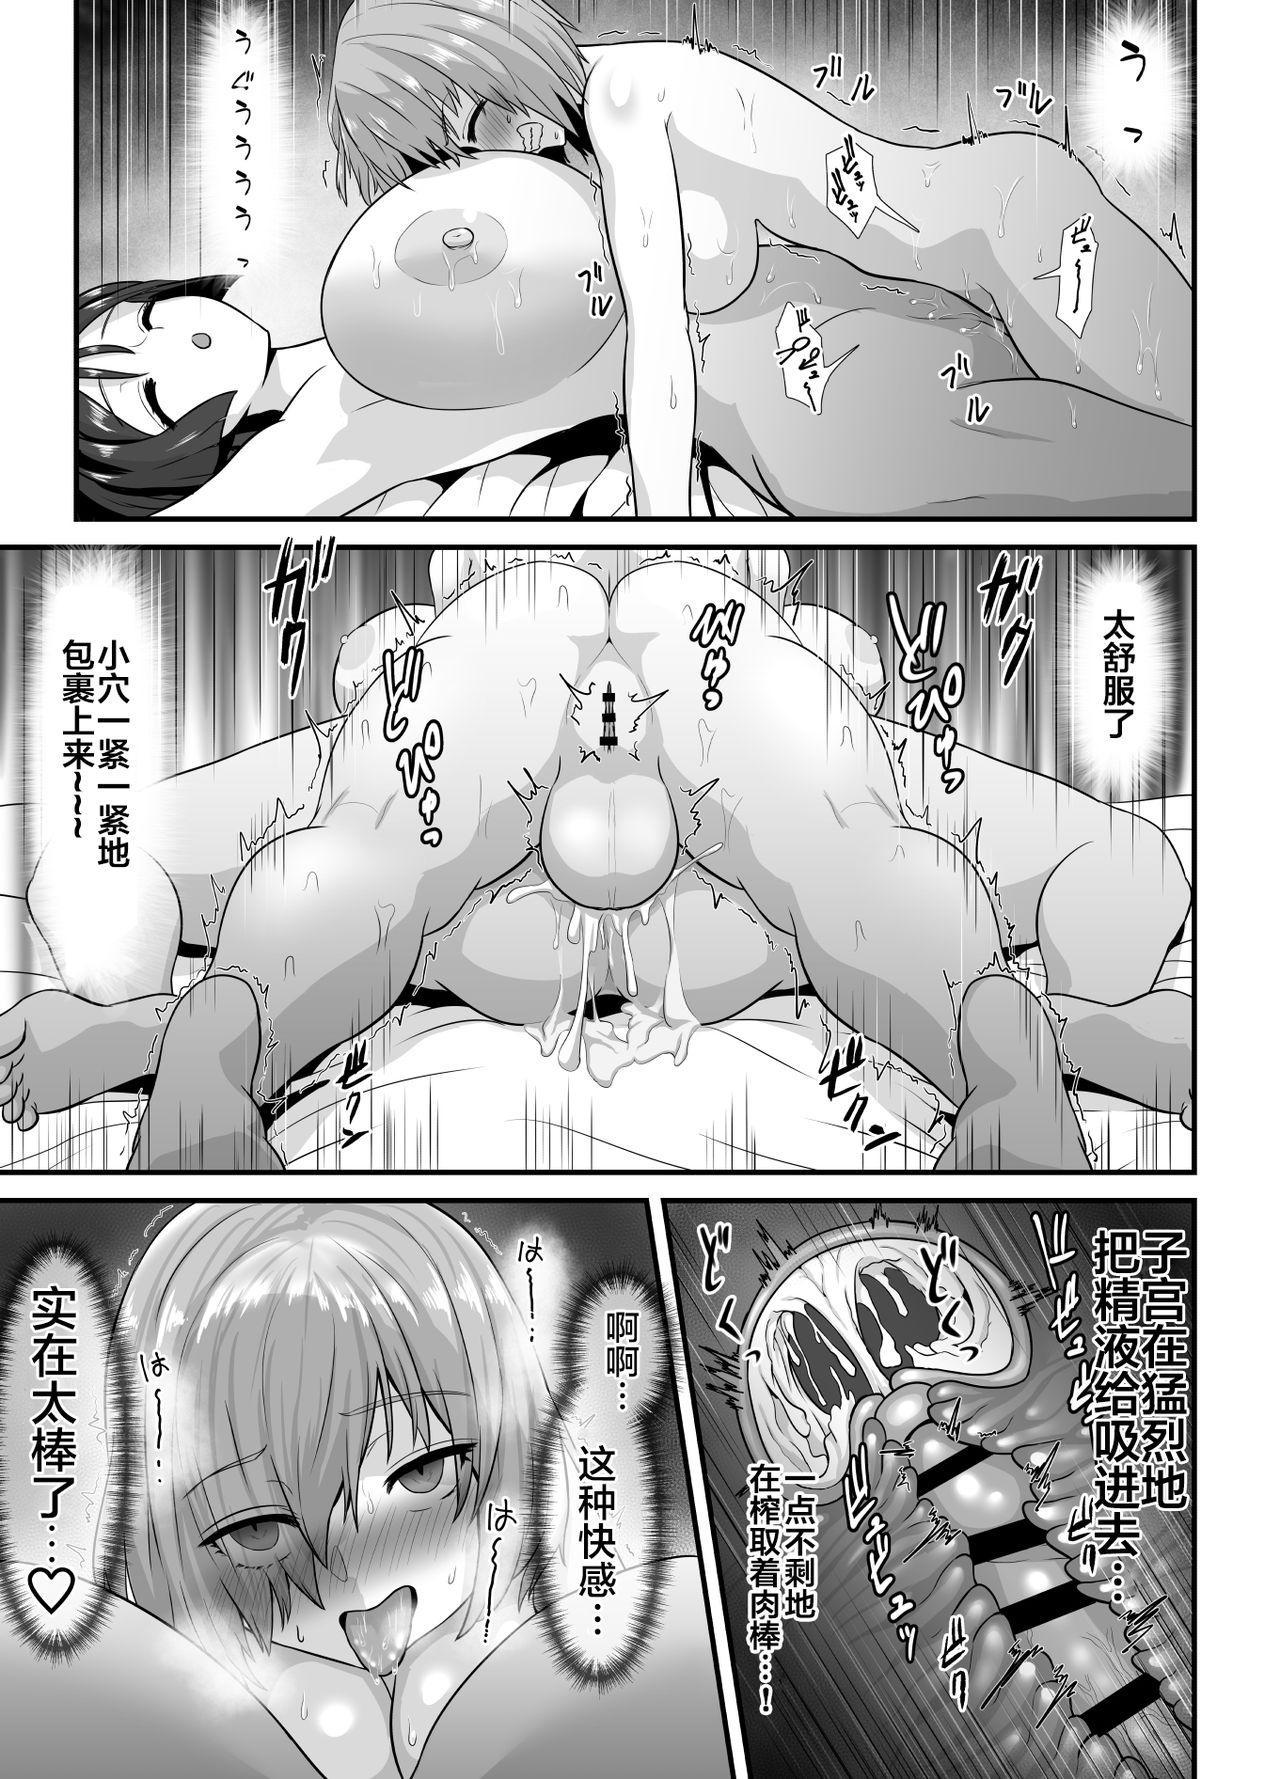 [Sadalsuud (Hoshiaka)] Seijun datta Hazu no Mashu wa Futanari no Yuuwaku ni Ochiru Dai-4-wa (Fate/Grand Order) [Chinese] [不咕鸟汉化组] 25